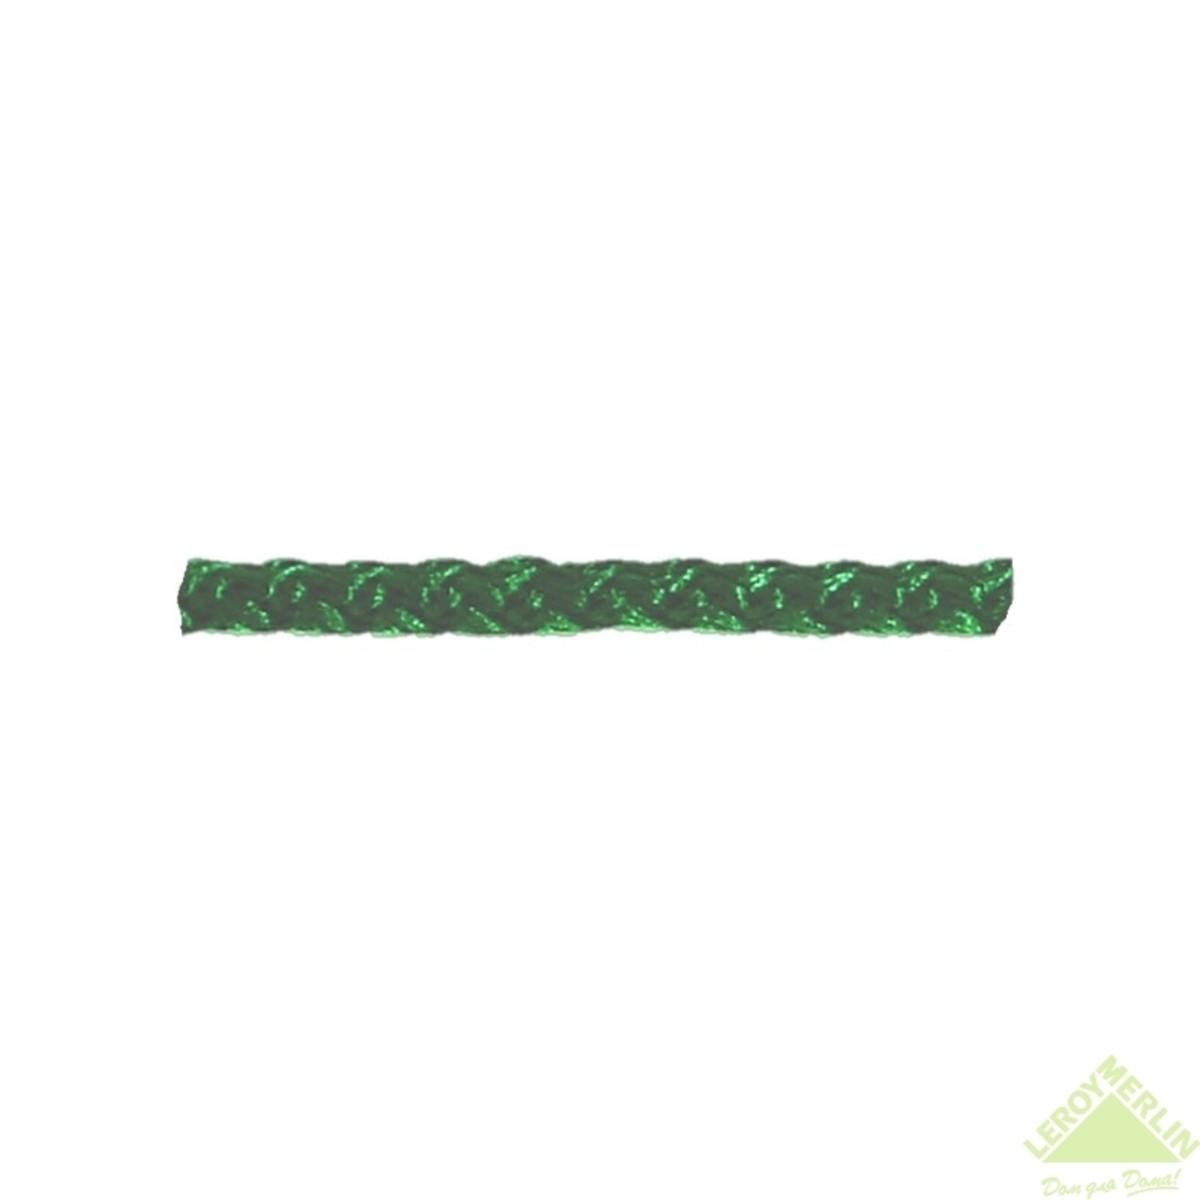 Шнур полипропиленовый плавучий 80мм зеленый